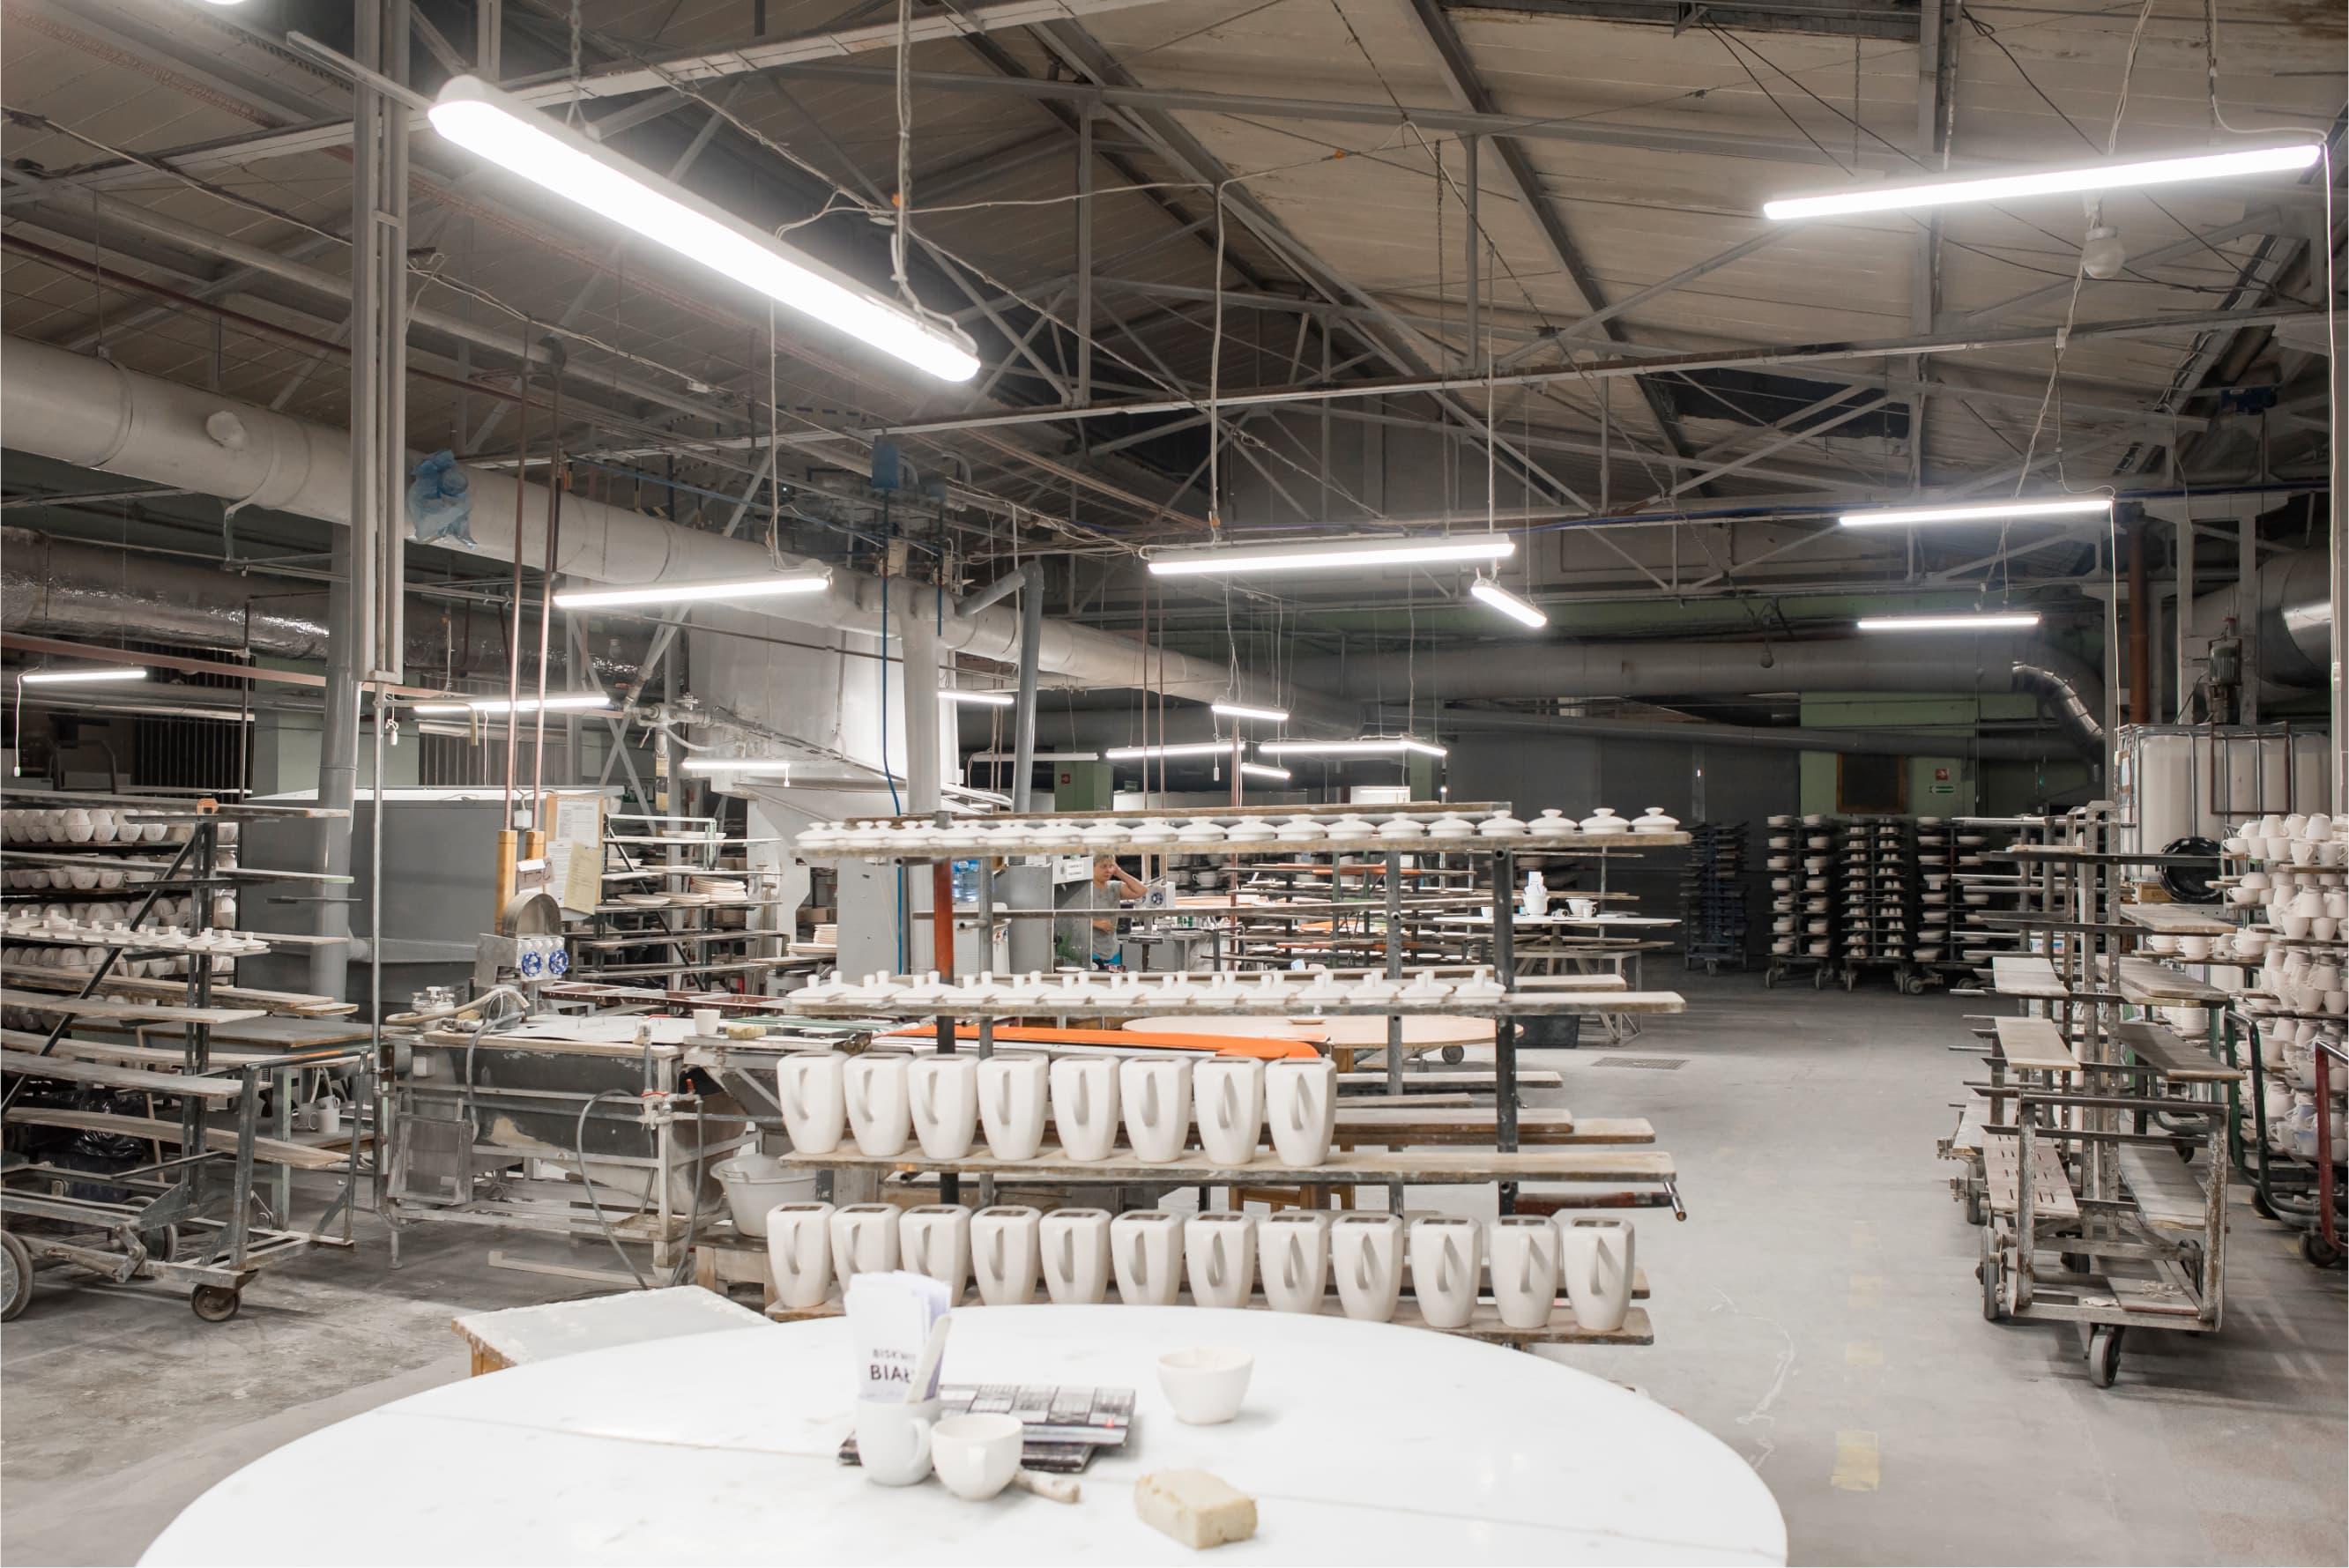 Oświetlenie przemysłowe Industrial w magazynie producenta porcelany - Luxon LED